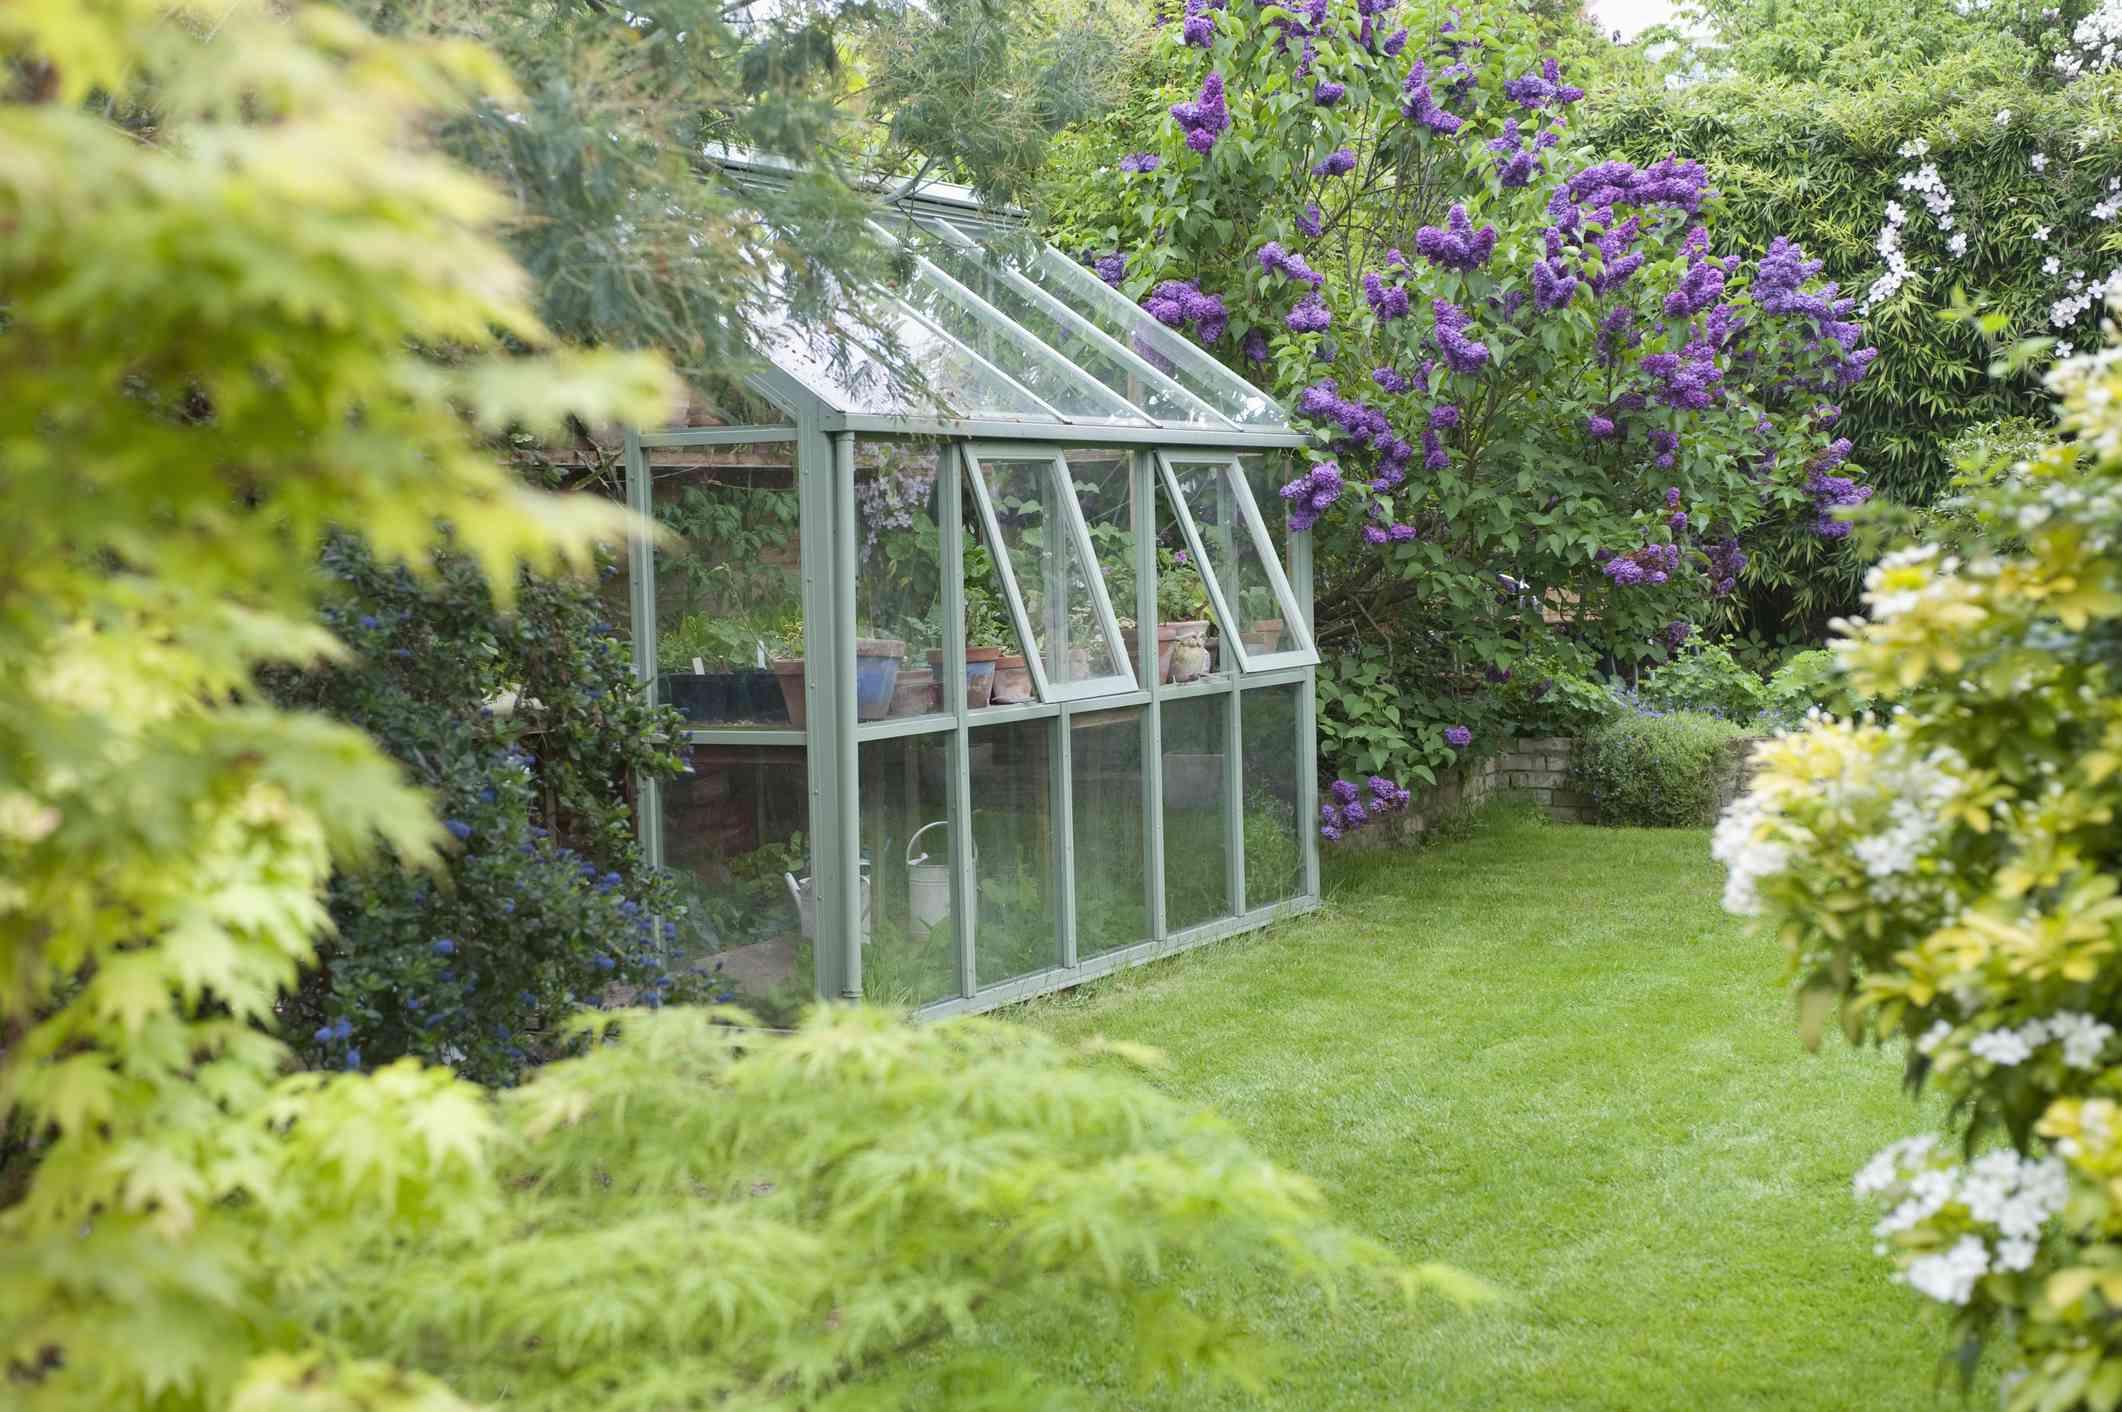 A greenhouse in a backyard.